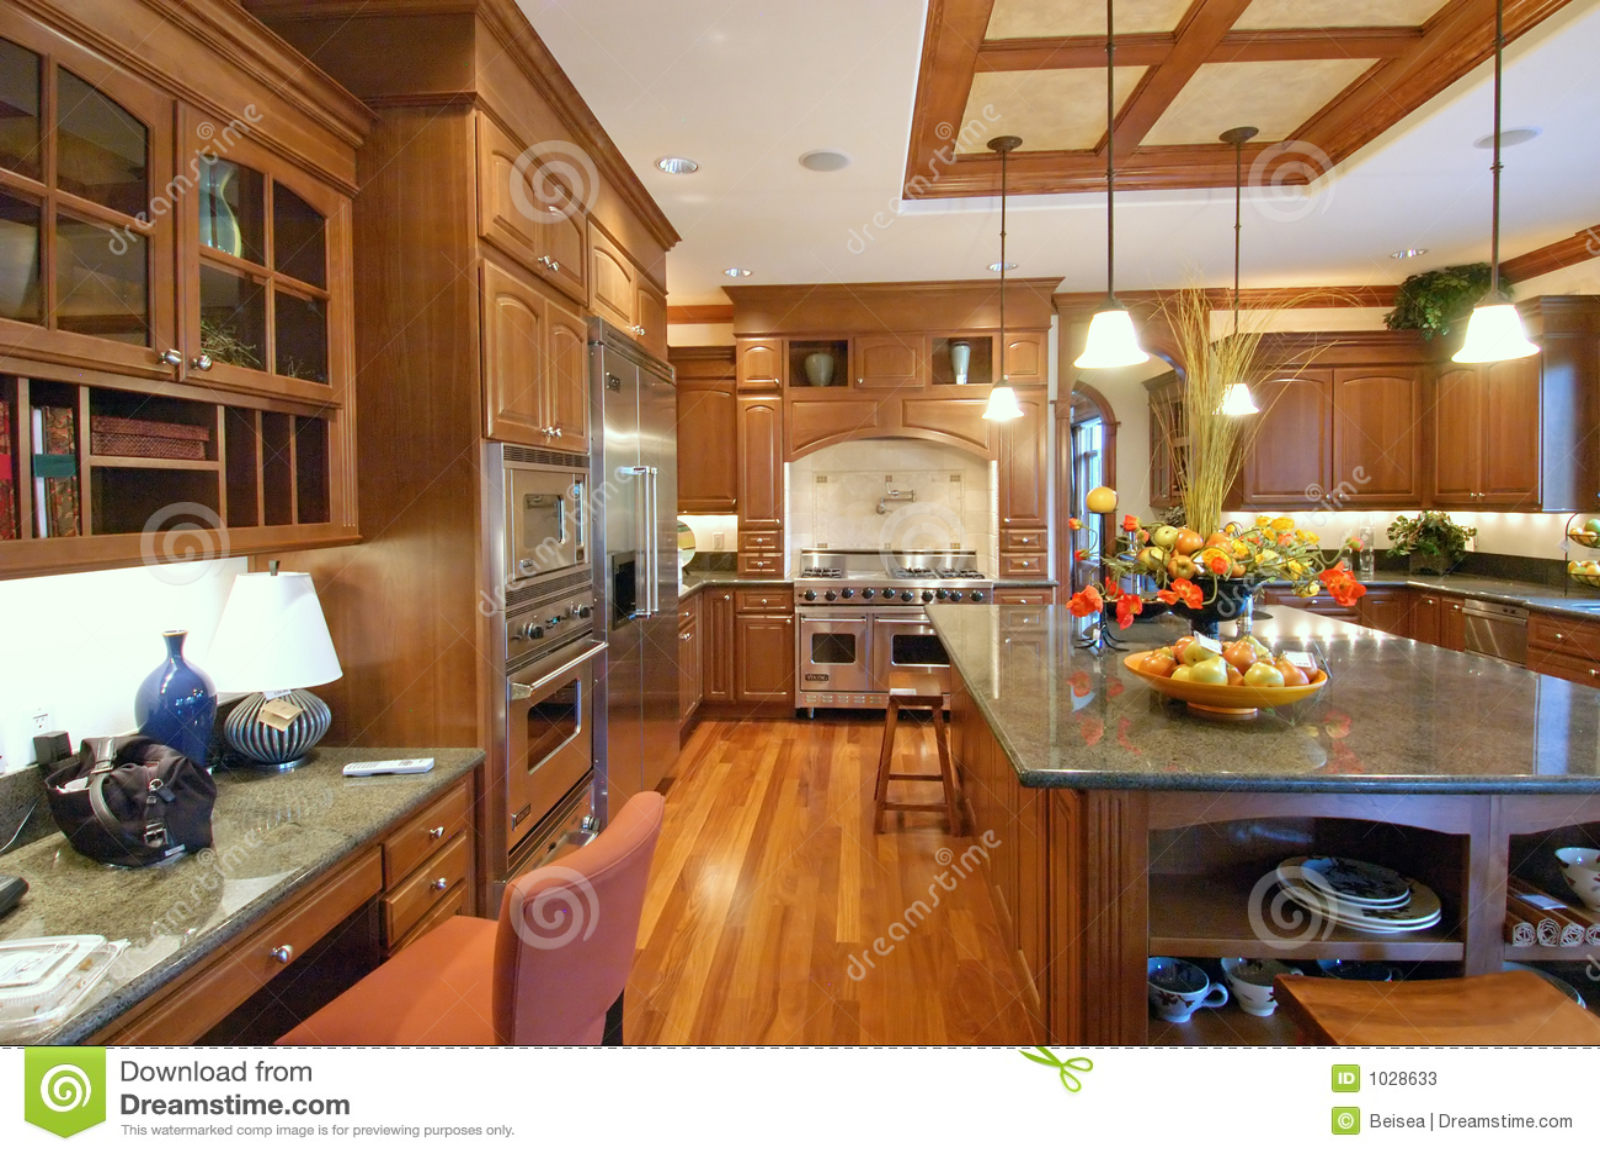 Cozinha Luxuosa Fotos de Stock Imagem: 1028633 #78421D 1300 954